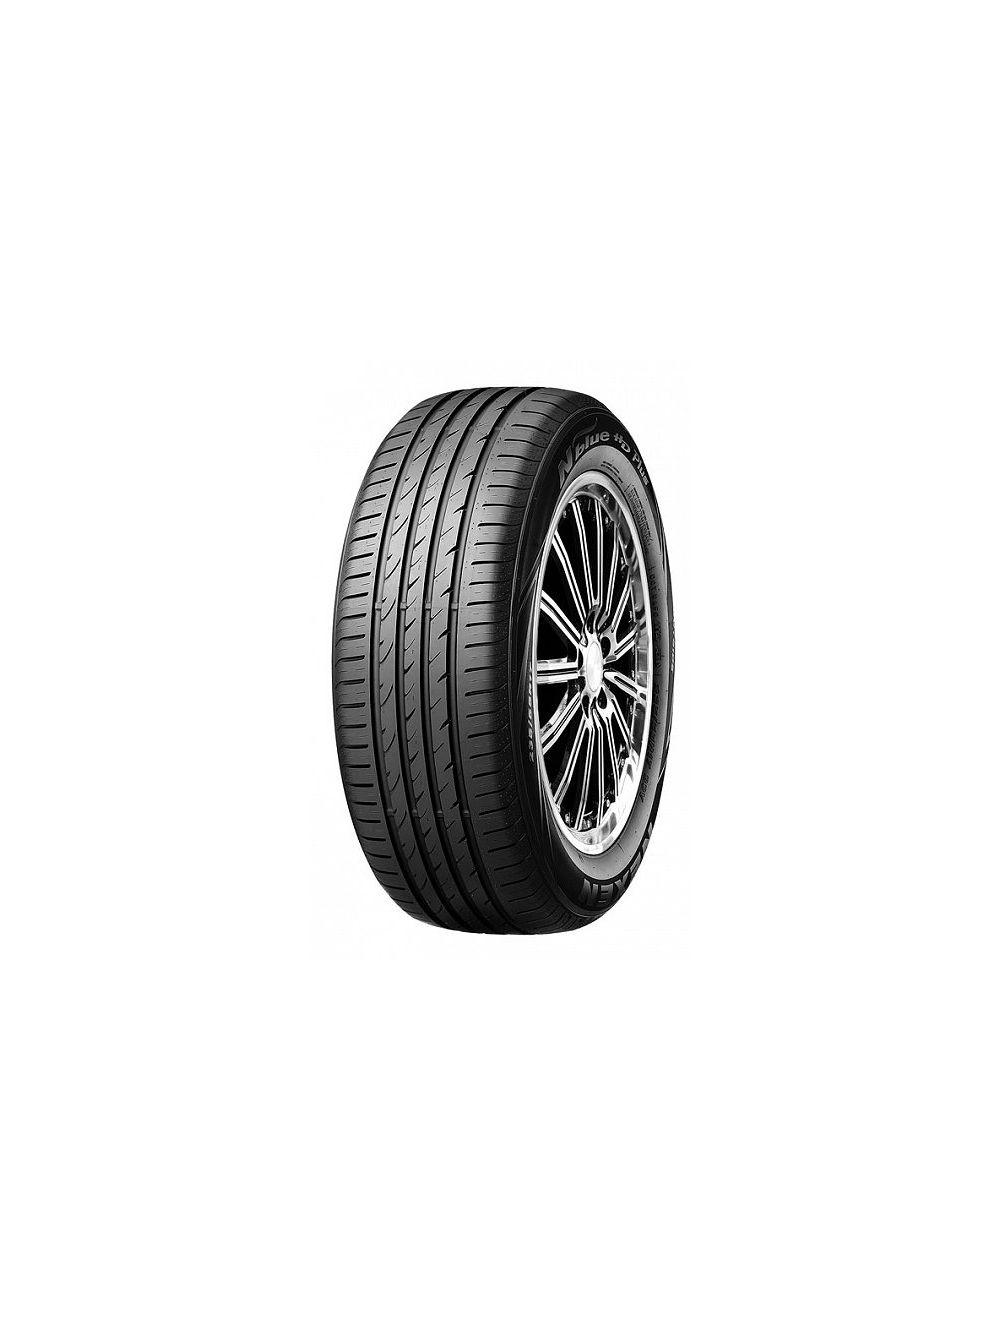 Nexen 185/60R15 T N-Blue HD Plus Nyári gumi